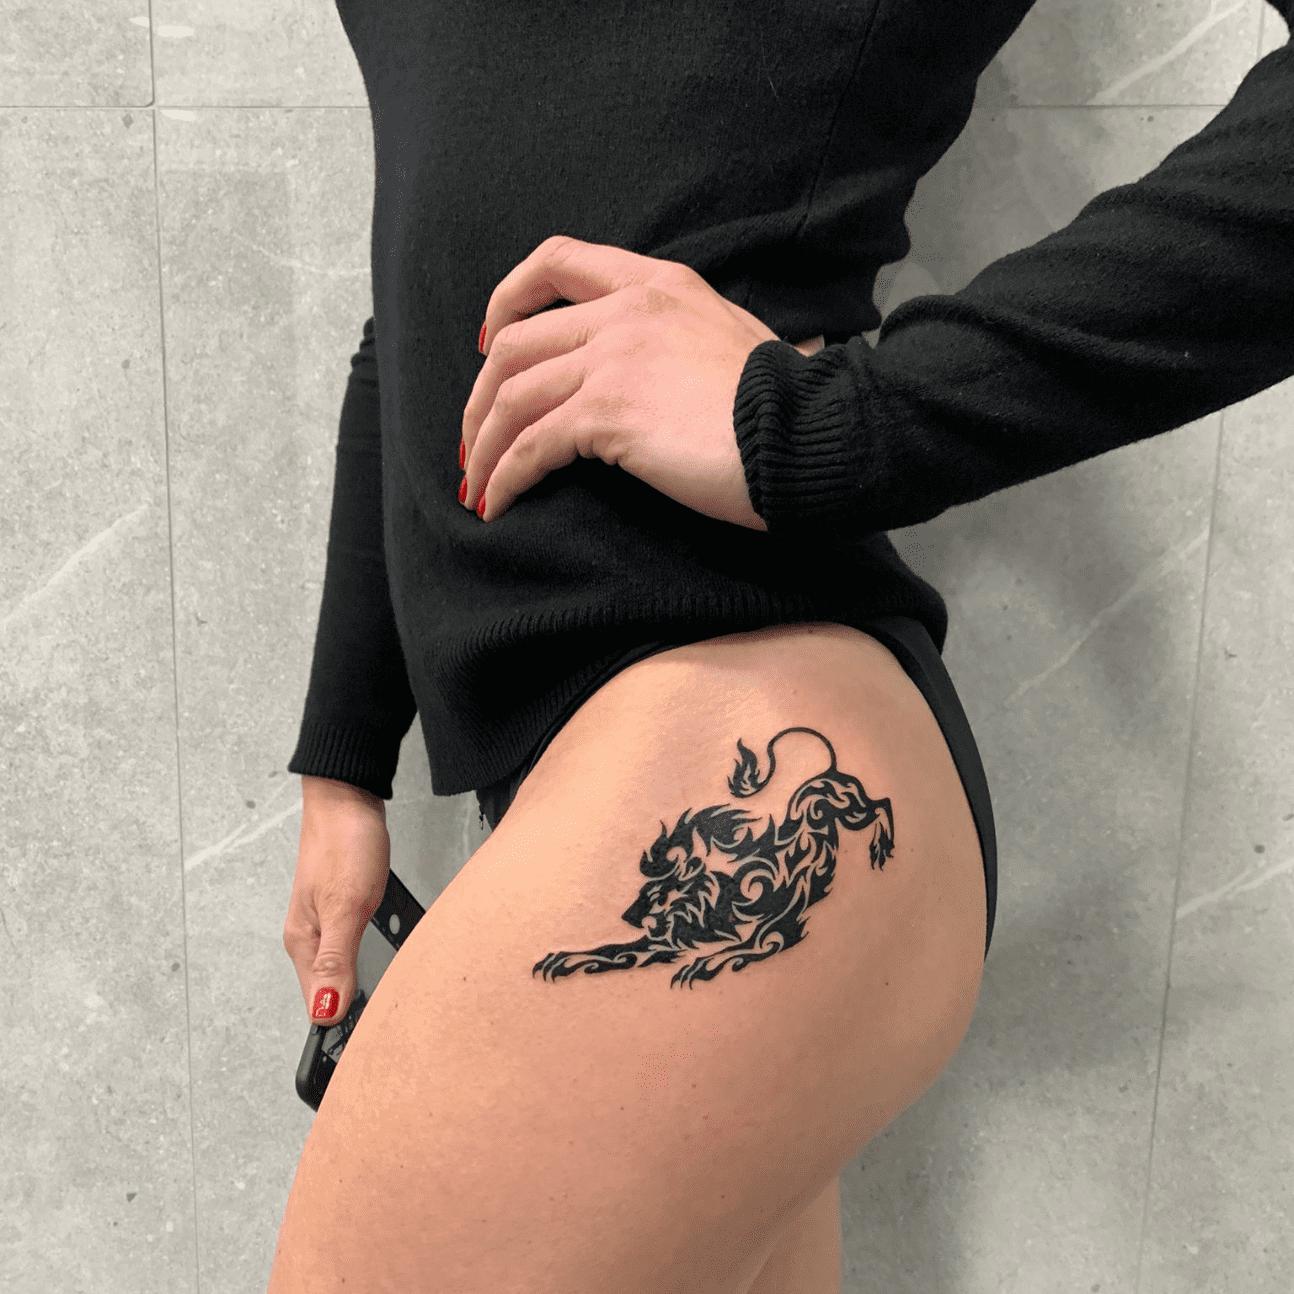 Tatuaggio maori sulla coscia di una ragazza